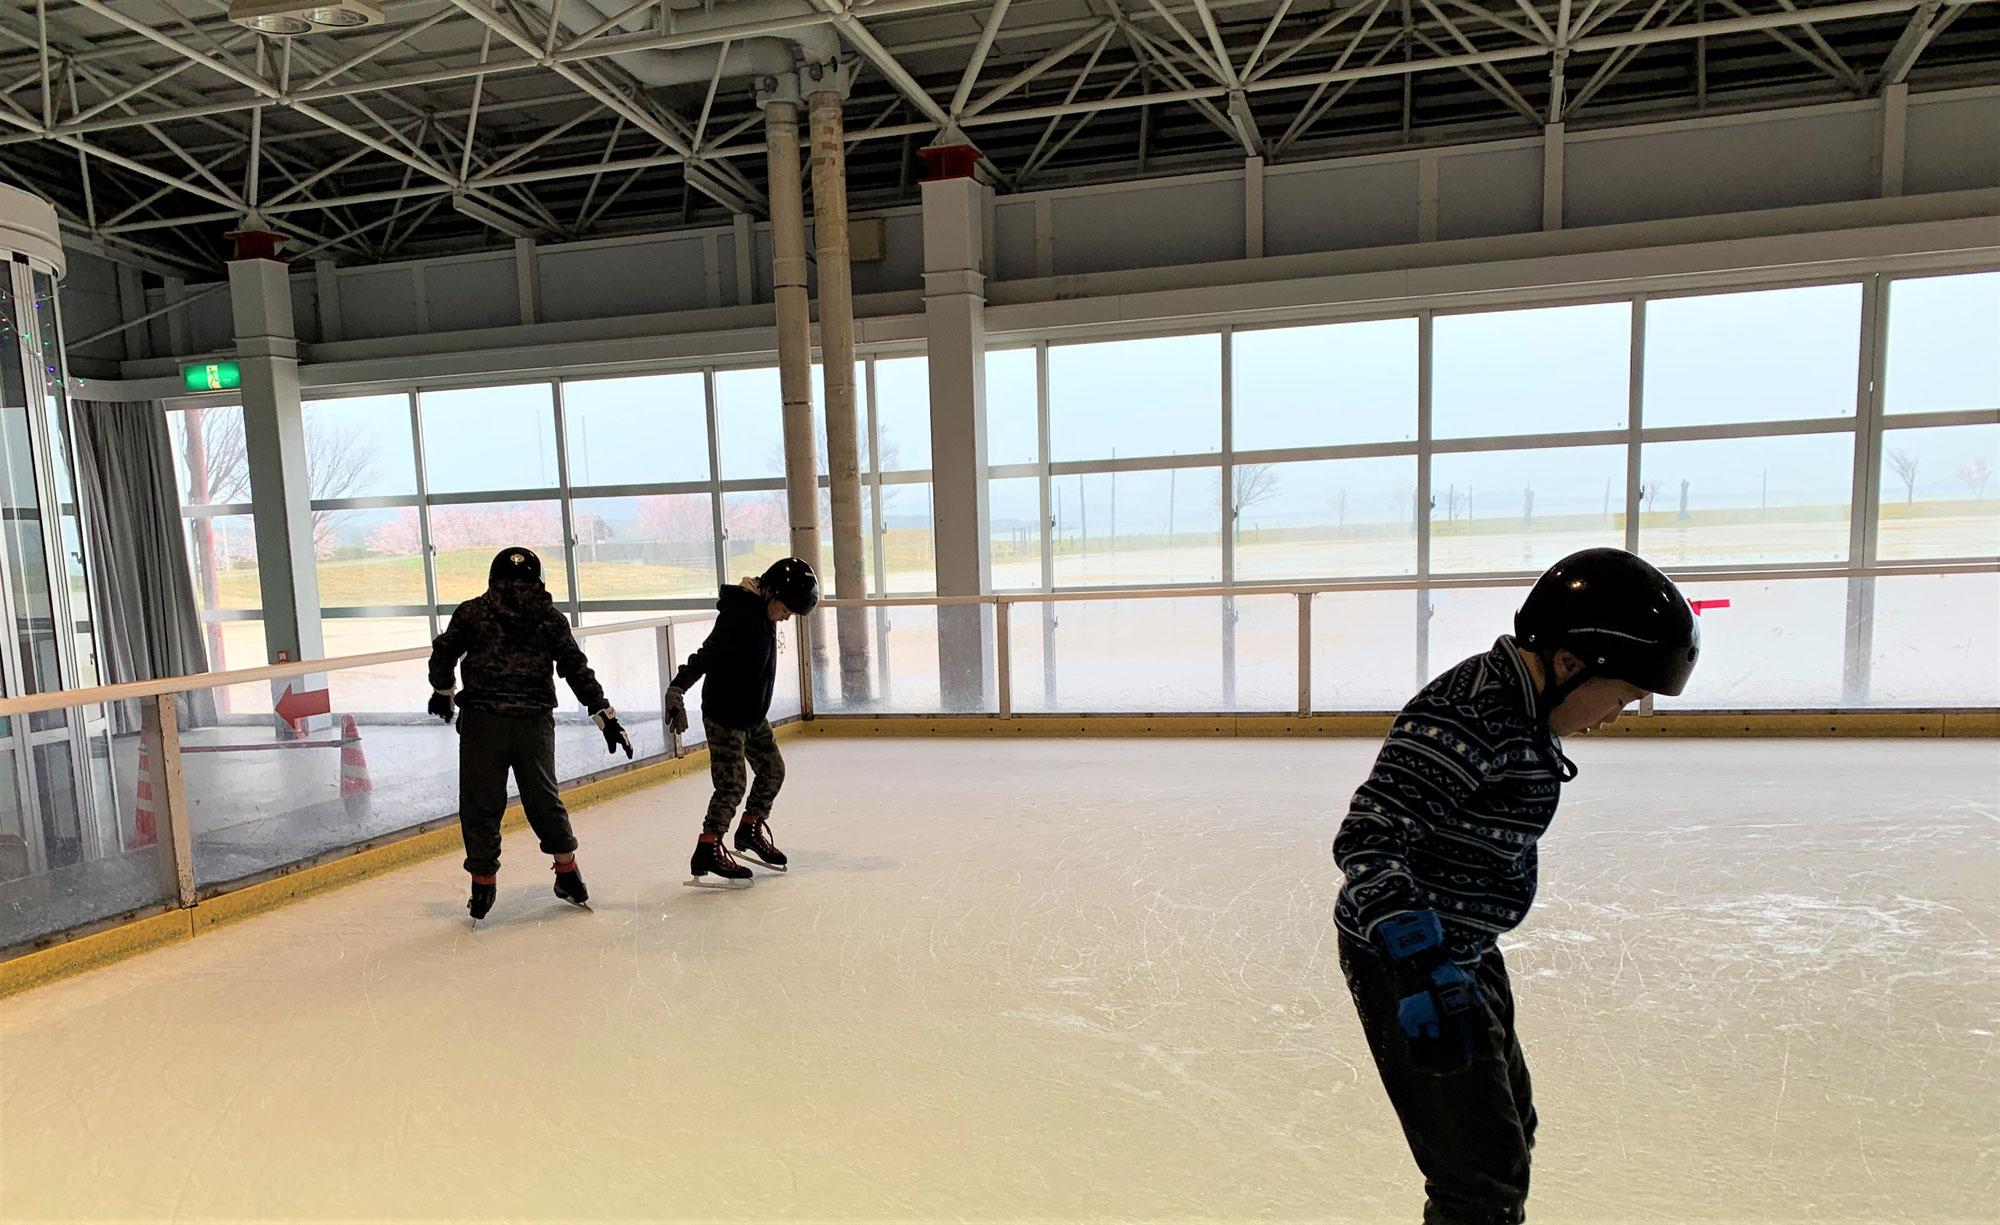 体験教室&スケート教室(2020)   申込受付を終了しました。参加申し込みをされた方ありがとうございました。